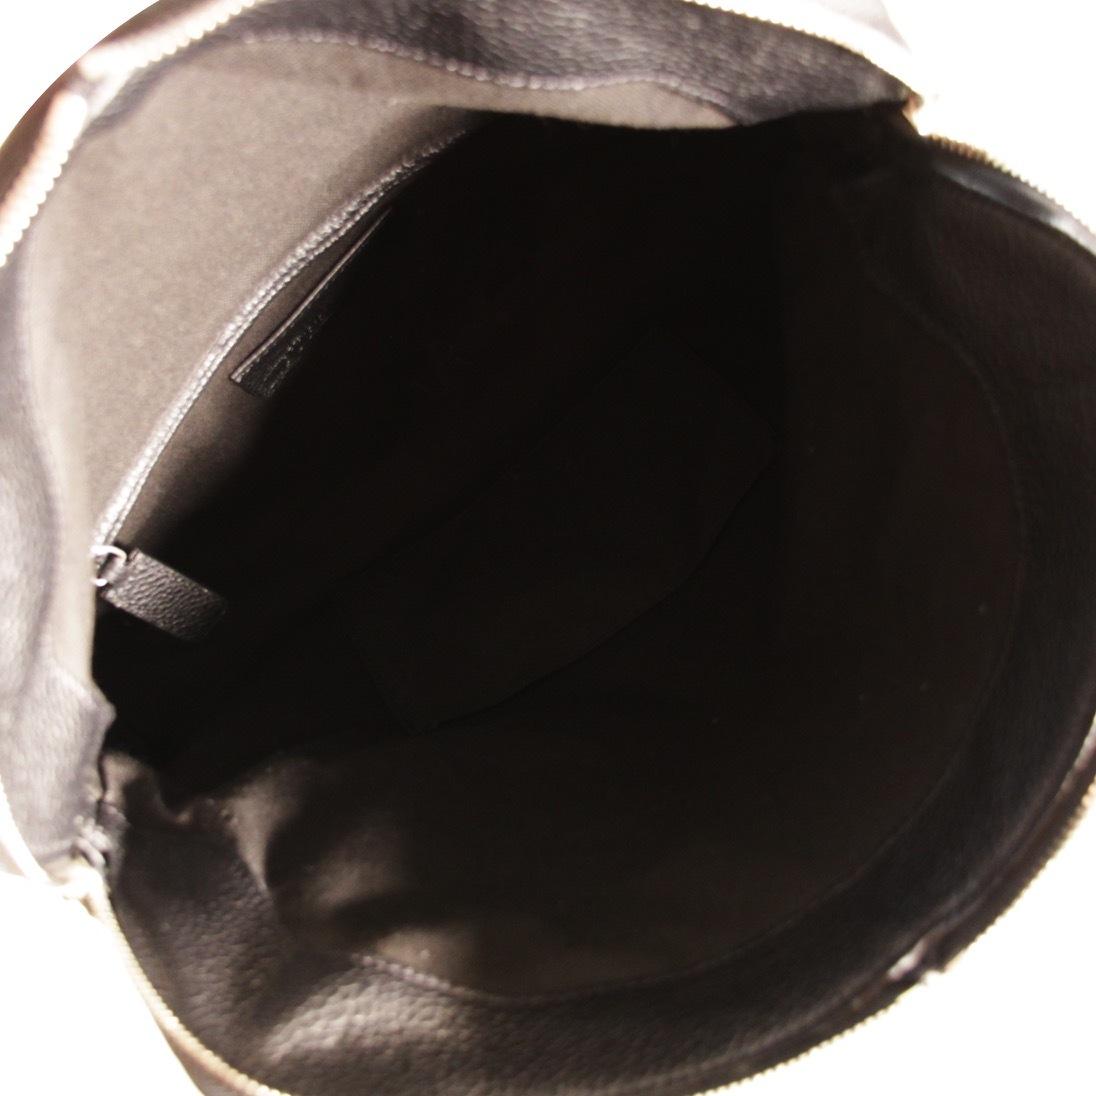 Клатч с замком-черепом. Цвет бежевый/черный ALEXANDER MCQUEEN